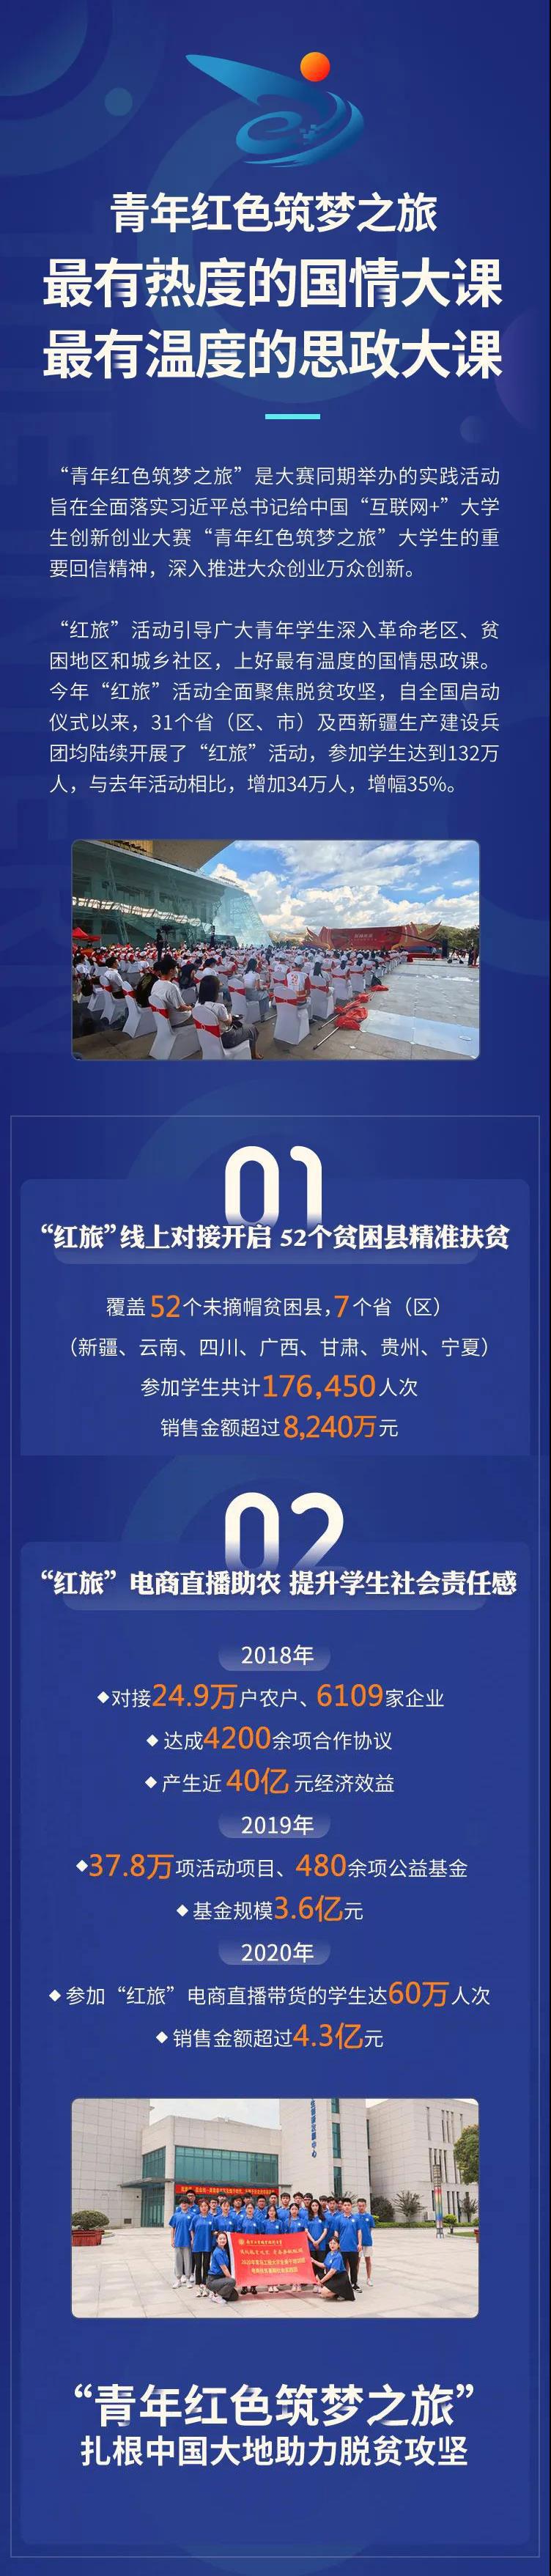 """第六届中国国际""""互联网+""""大学生创新创业大赛亮点看过来"""